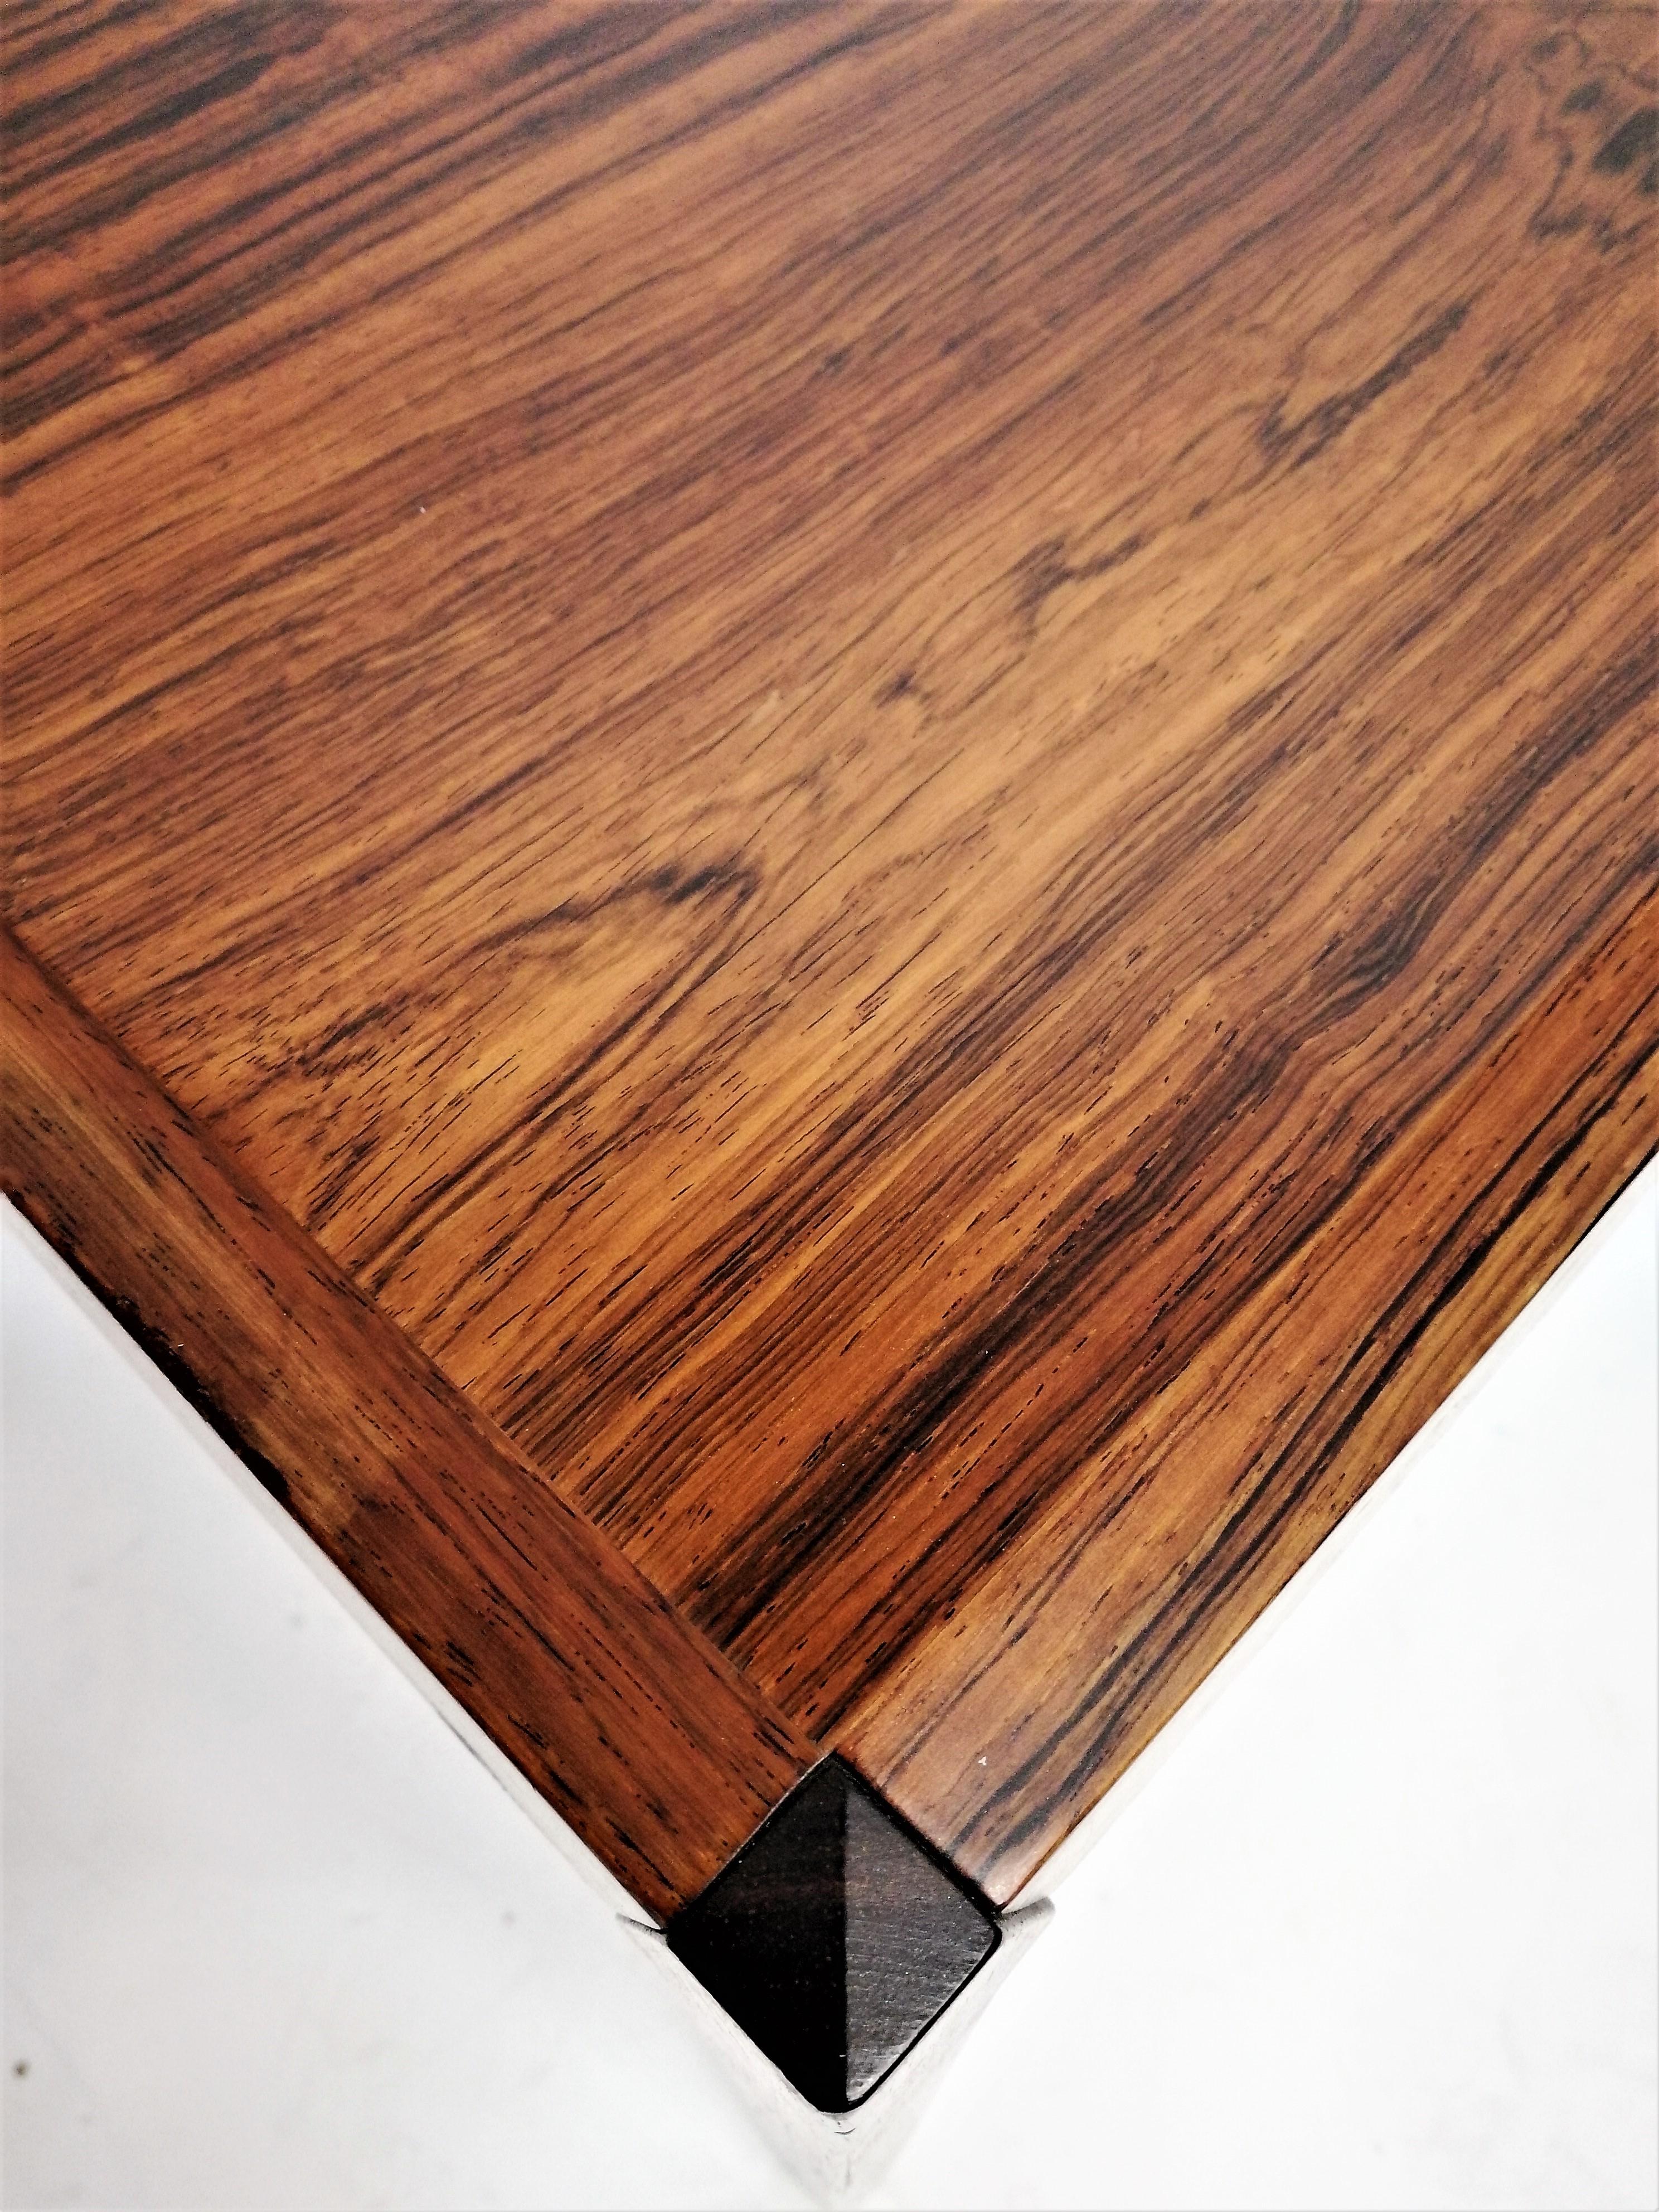 Rosewood / Palisander coffee table